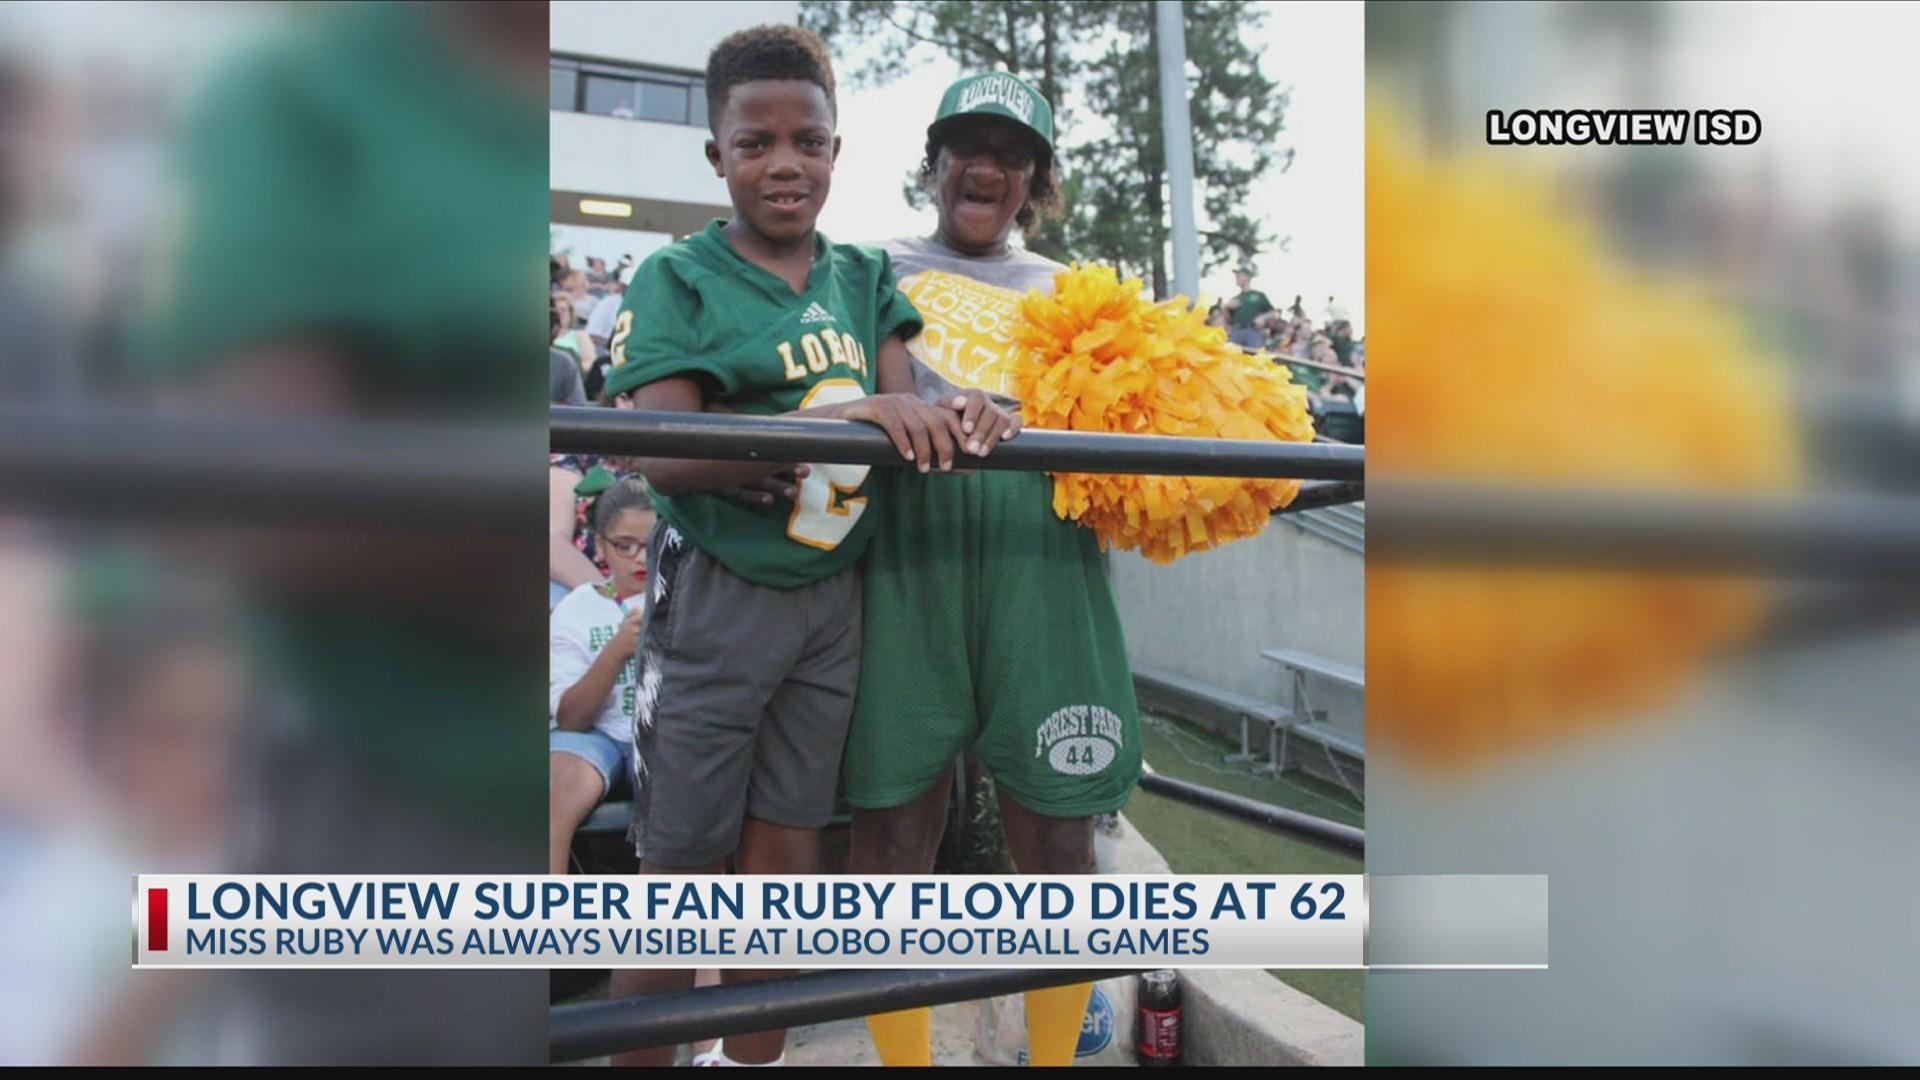 Longview_Lobo_super_fan_Ruby_Floyd_dies__0_20190528044240